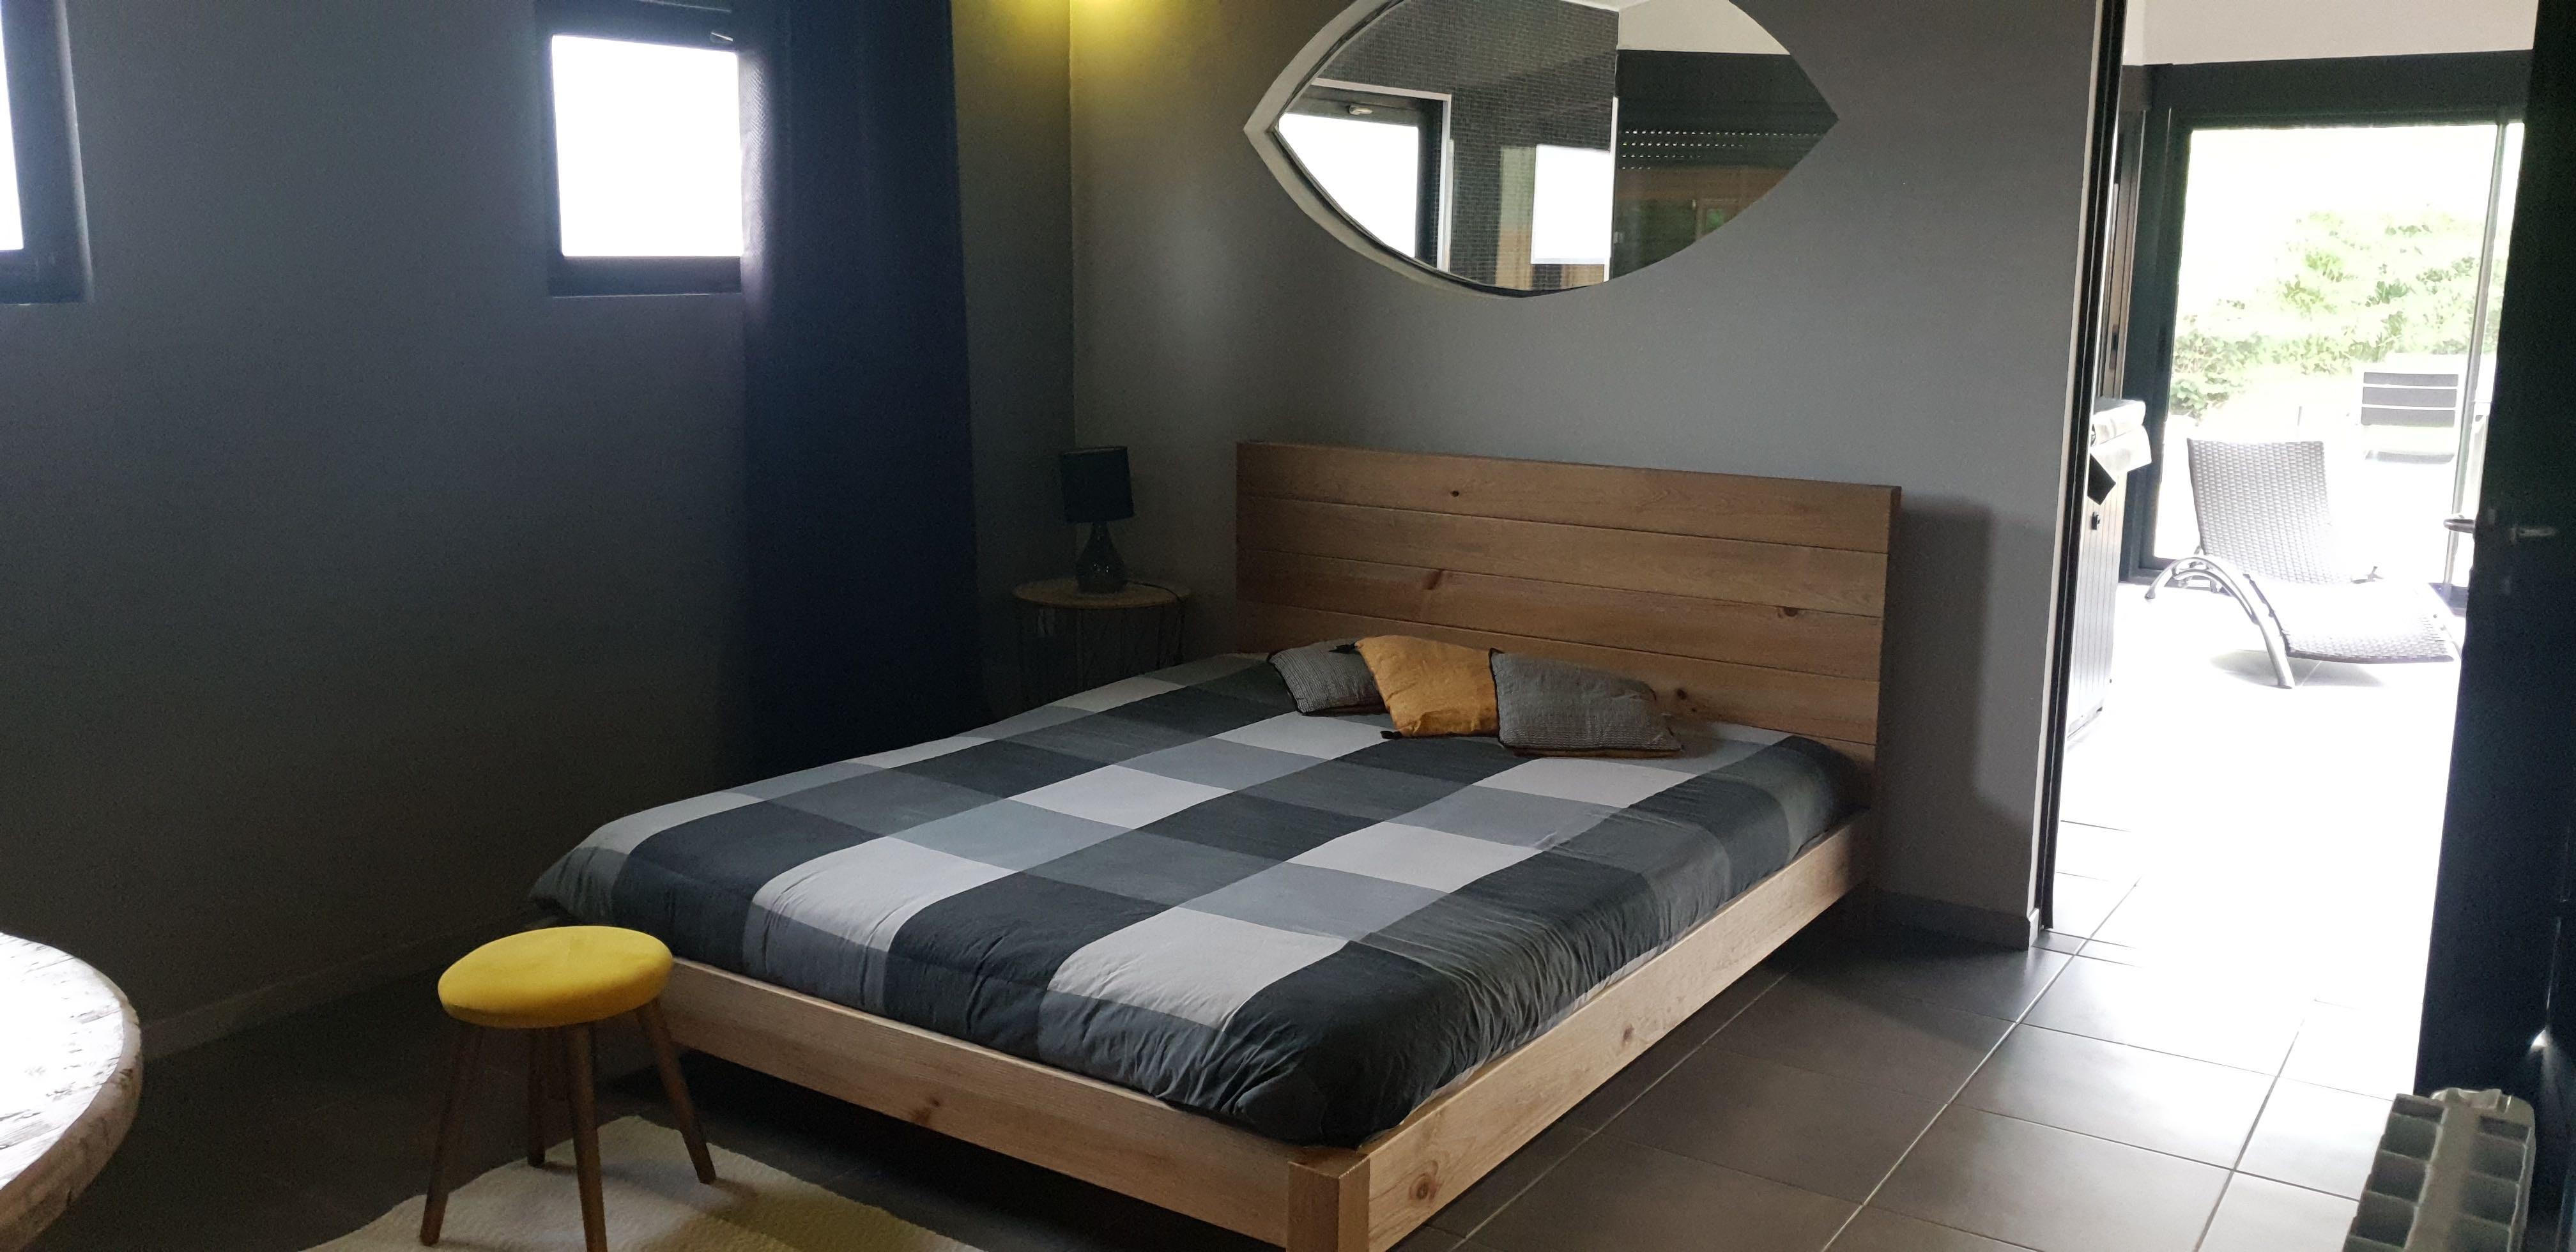 chambre-jacuzzi-privatif-lille-nord-pas-de-calais-lit-coussin-table-de-chevet